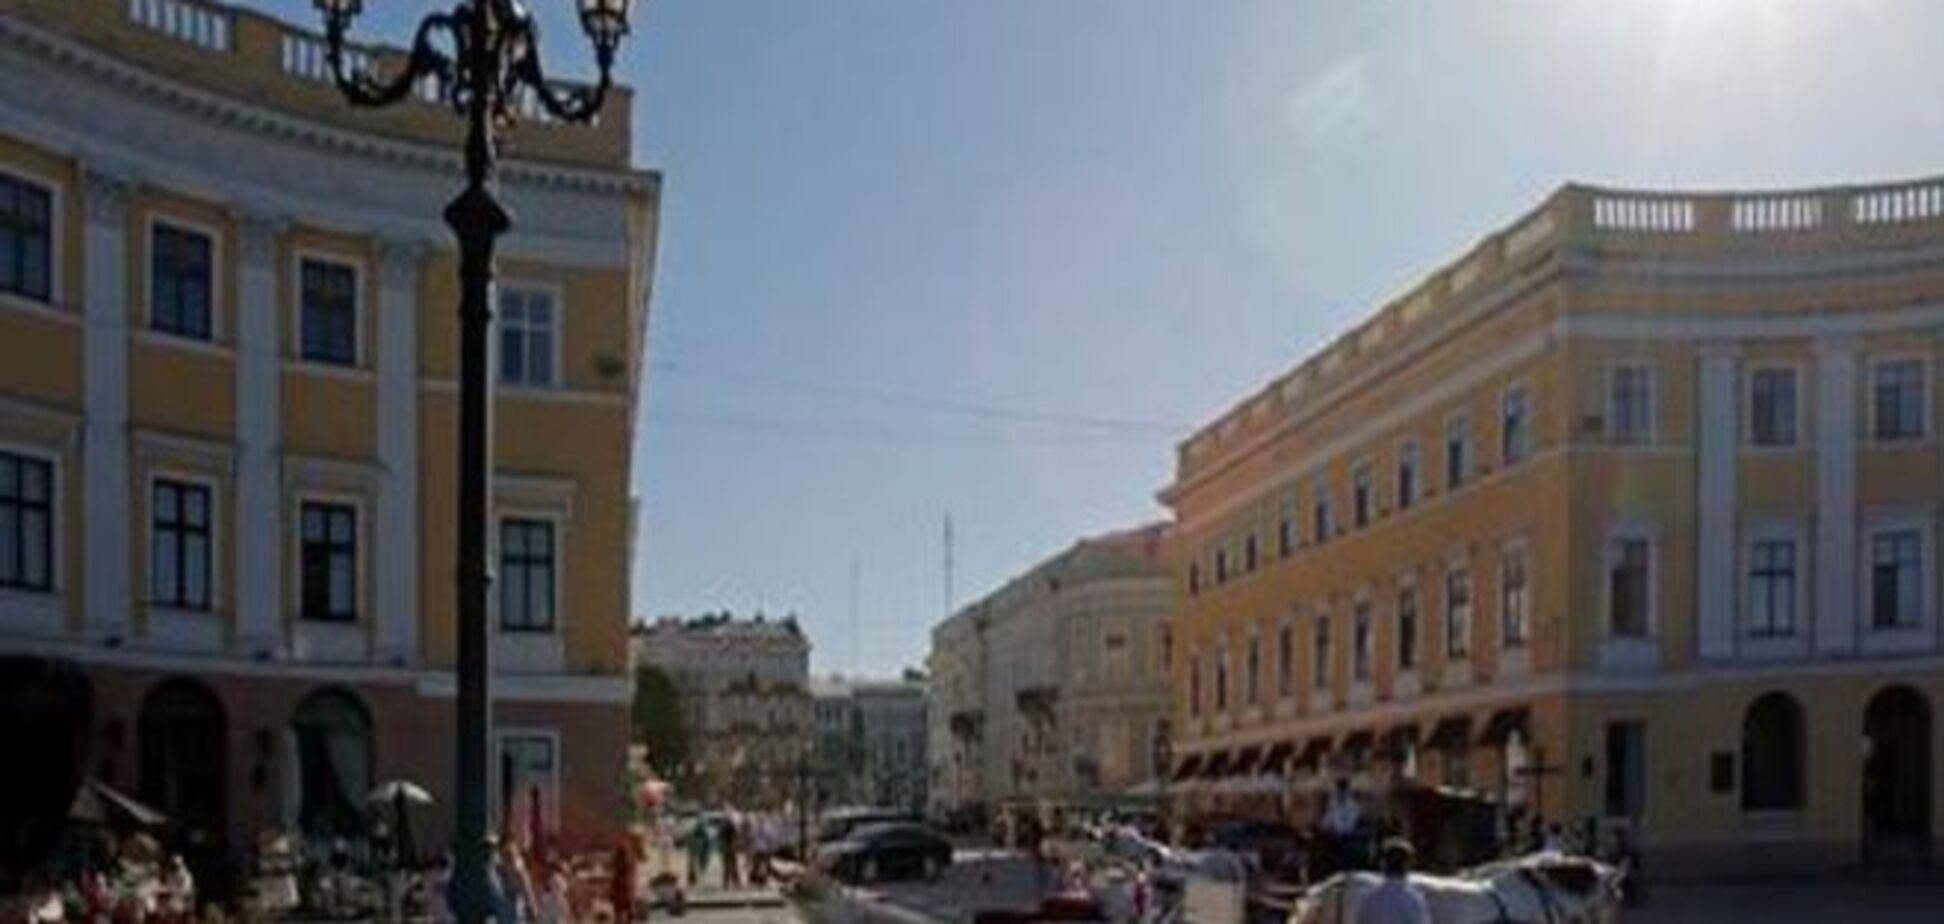 Російського дипломата в Одесі оголосили персоною нон грата